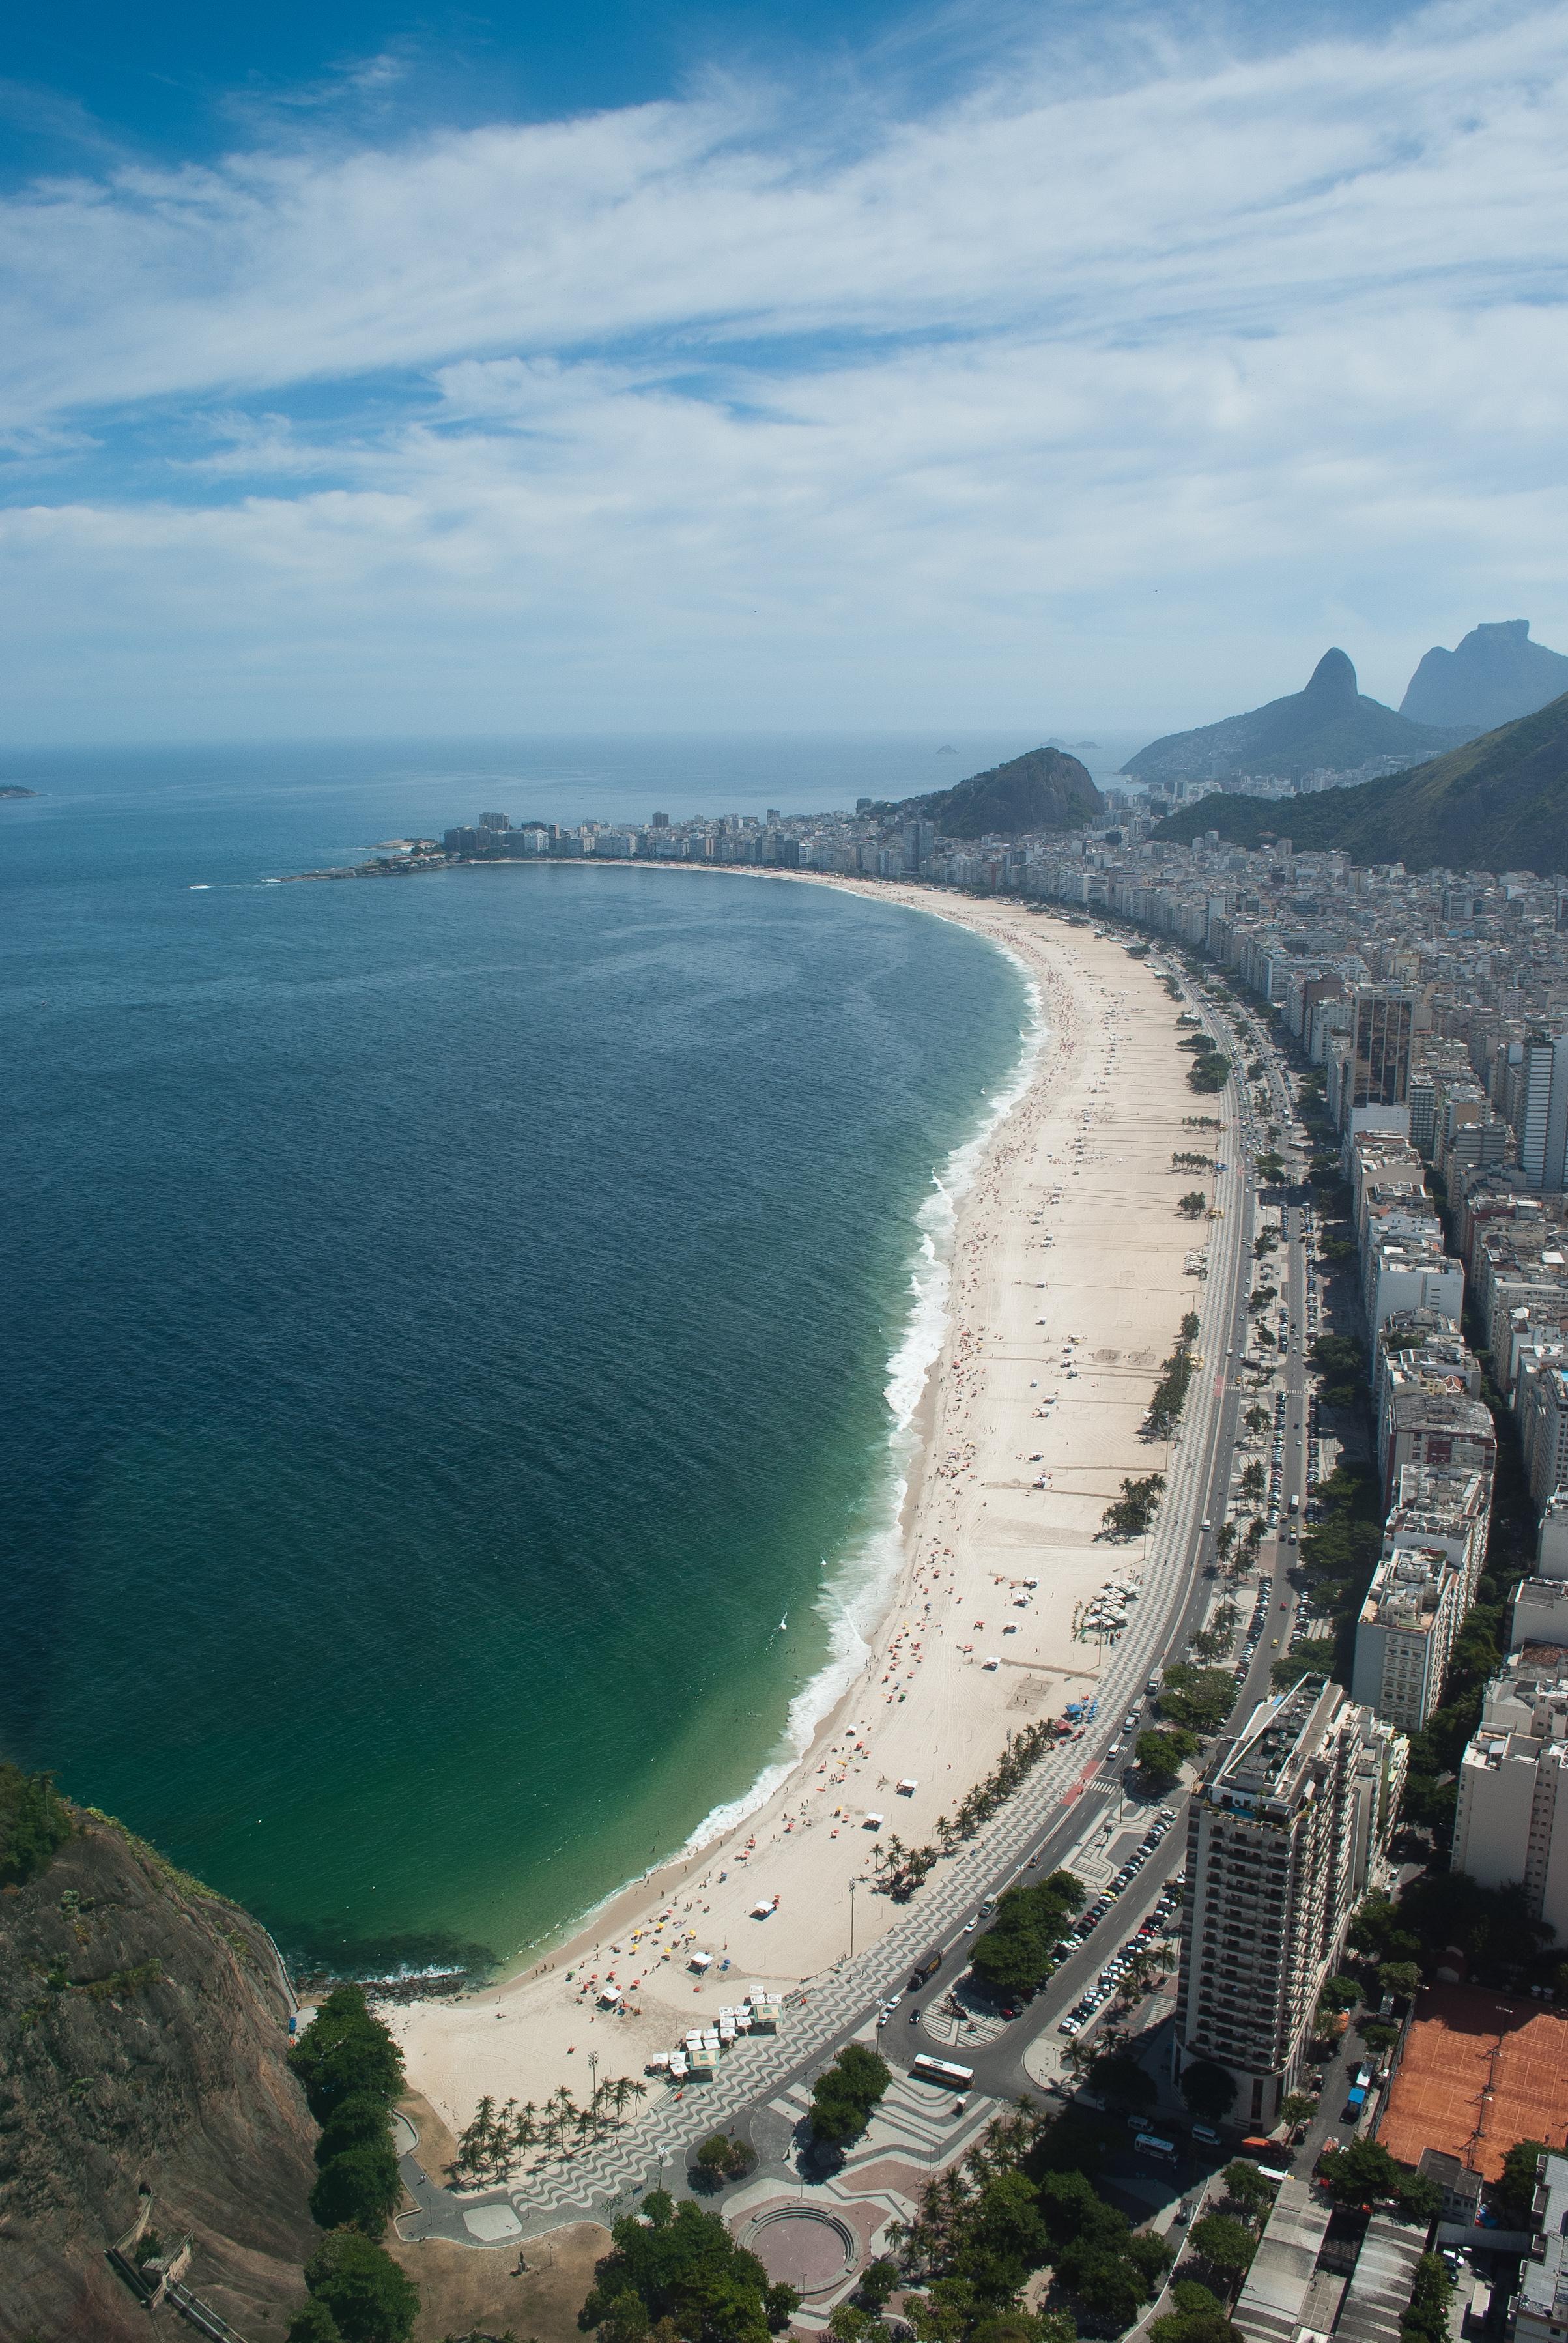 Пляж Копакабана, Рио-де-Жанейро, Бразилия (источник Википедия)